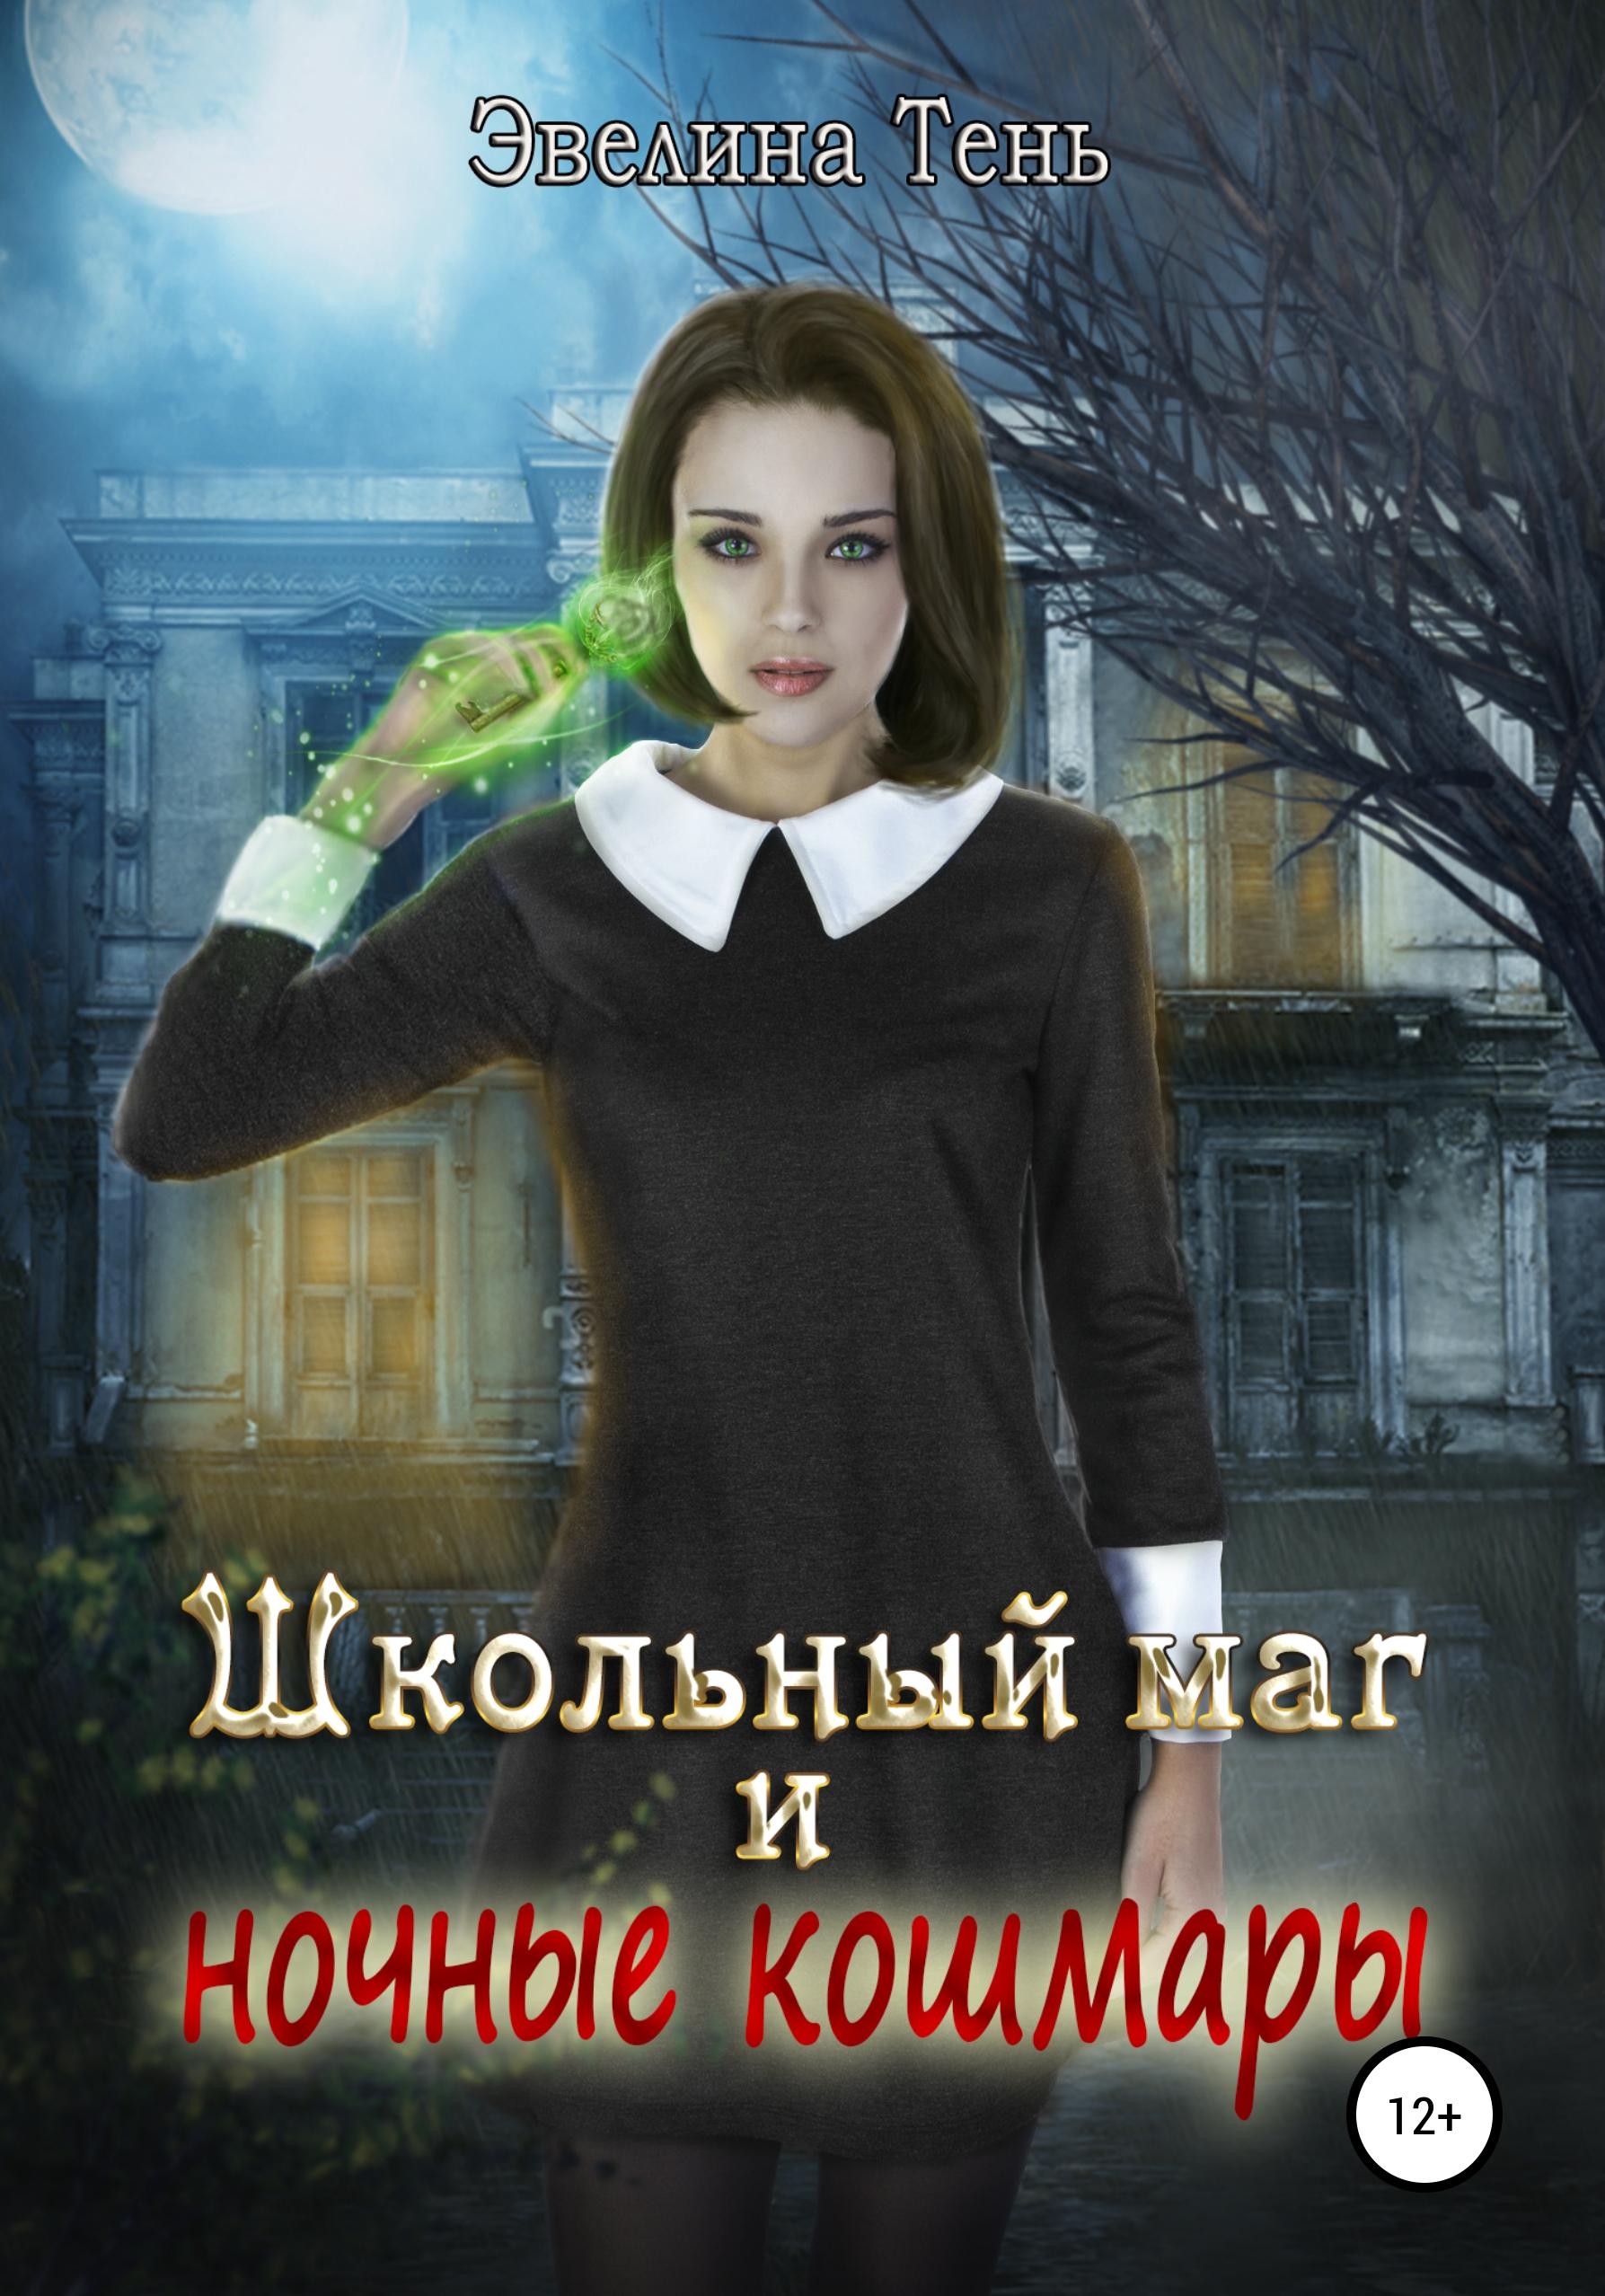 Купить книгу Школьный маг и ночные кошмары, автора Эвелины Тень